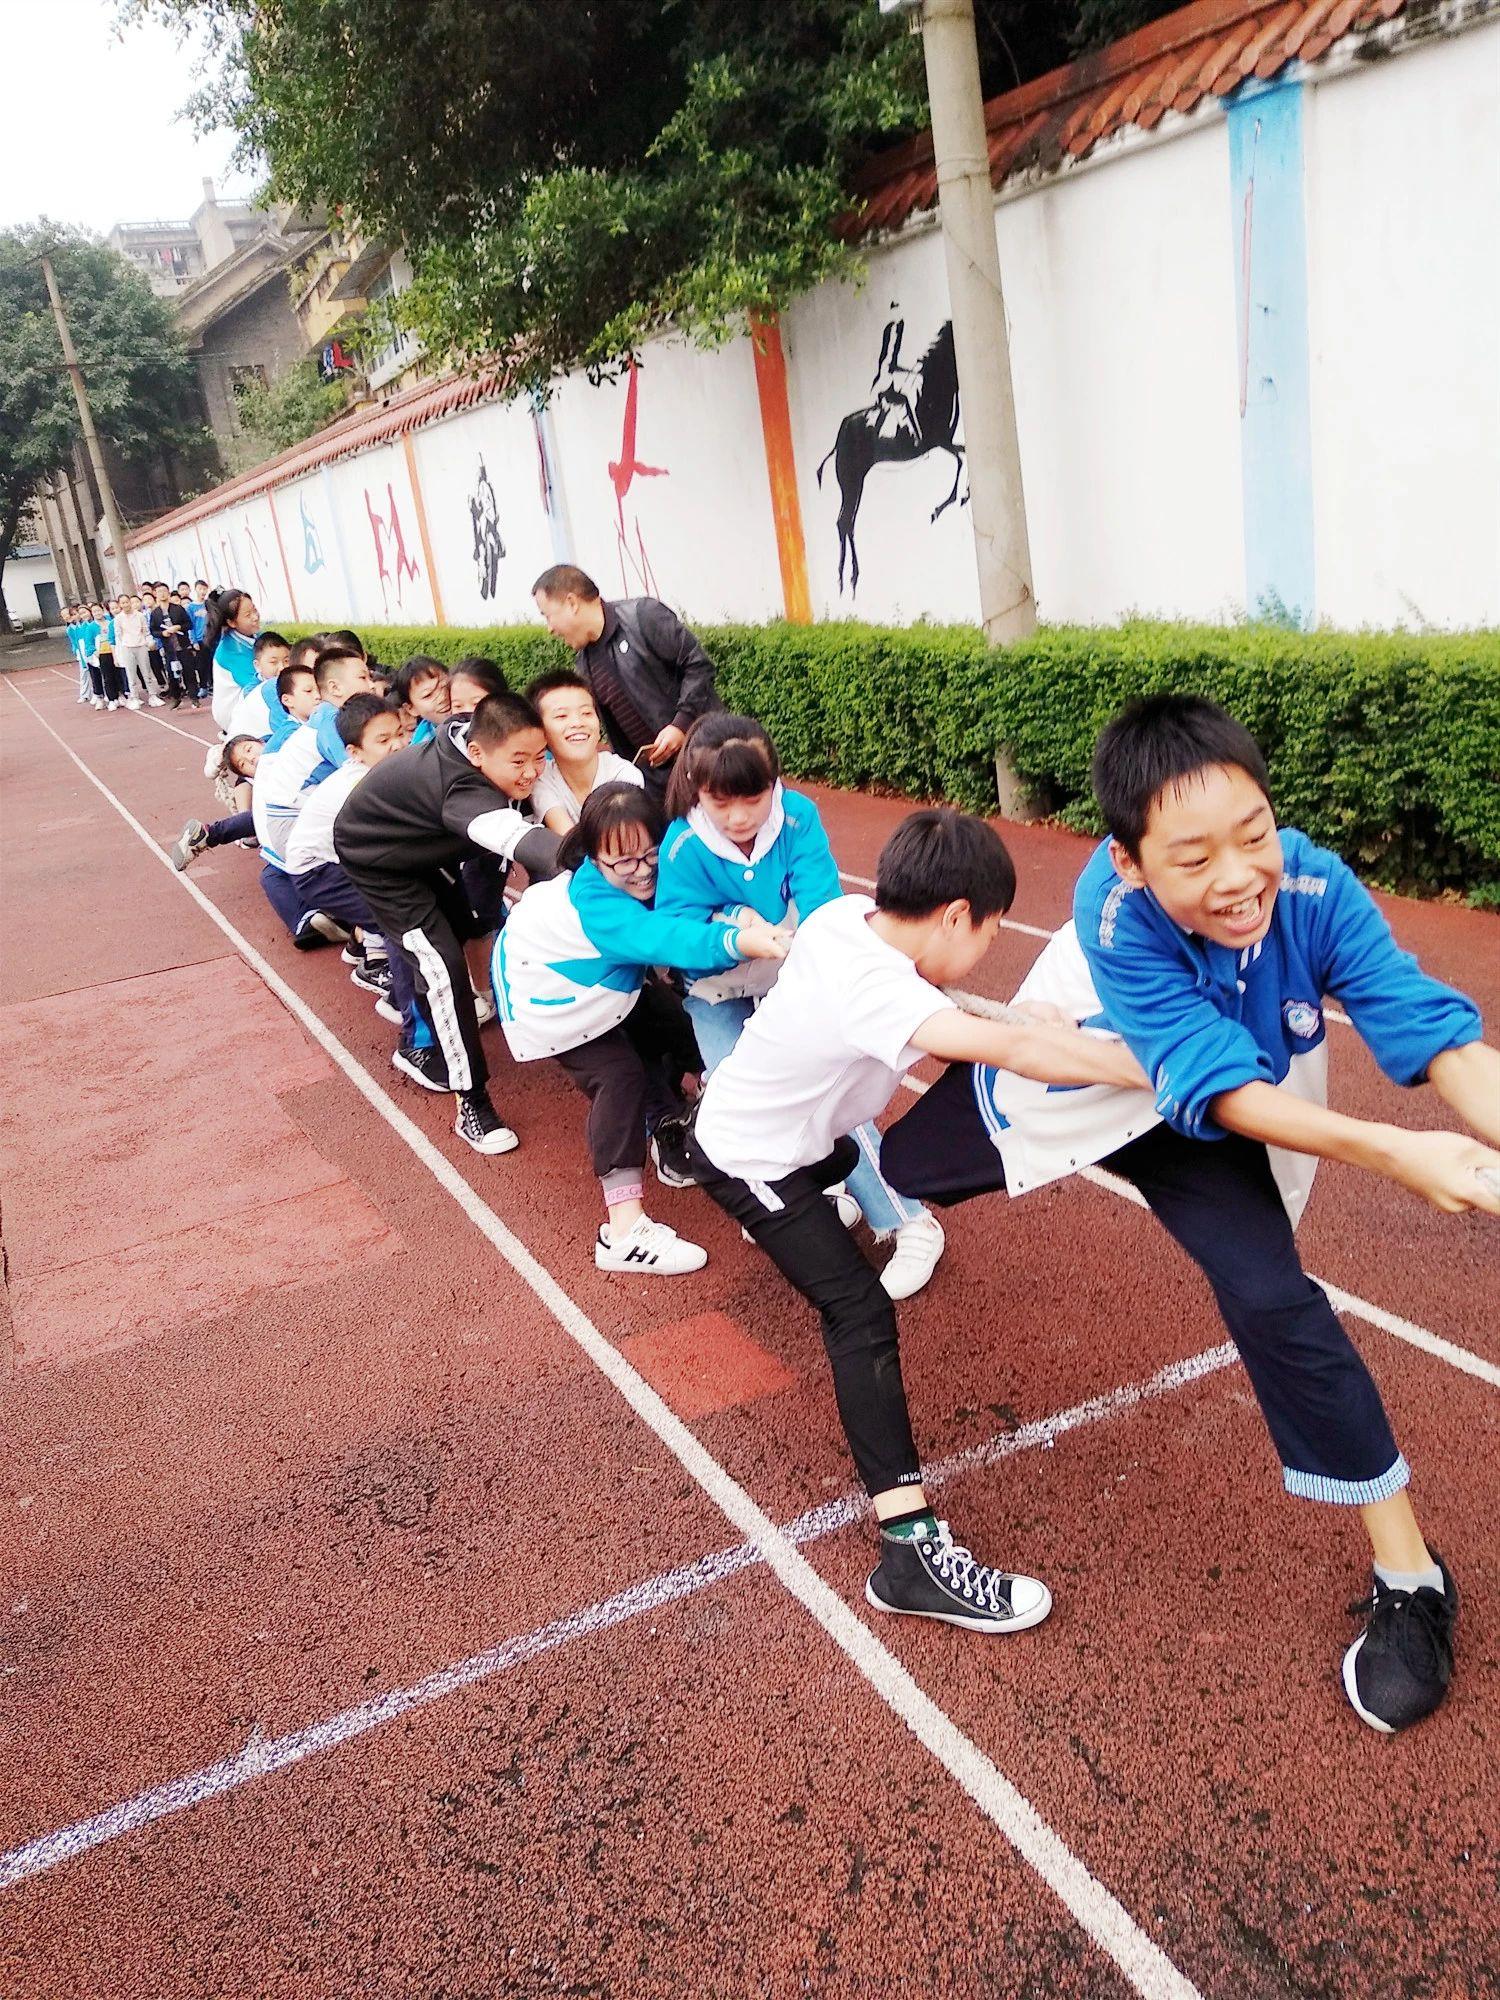 21个班,700多名运动员,南溪这所学校的活动现场超精彩!